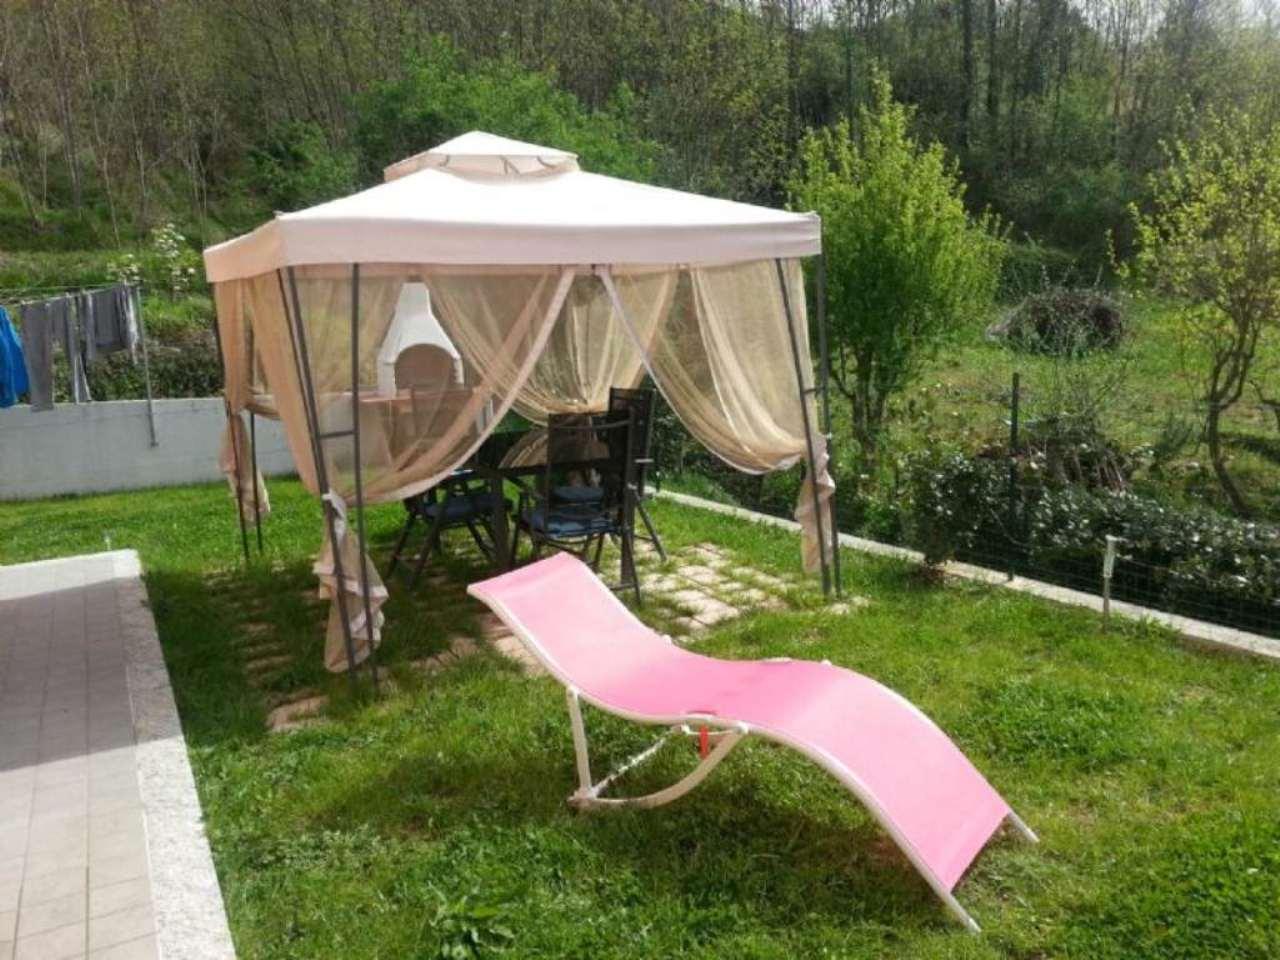 Appartamento in vendita a Riccò del Golfo di Spezia, 5 locali, prezzo € 200.000 | Cambio Casa.it